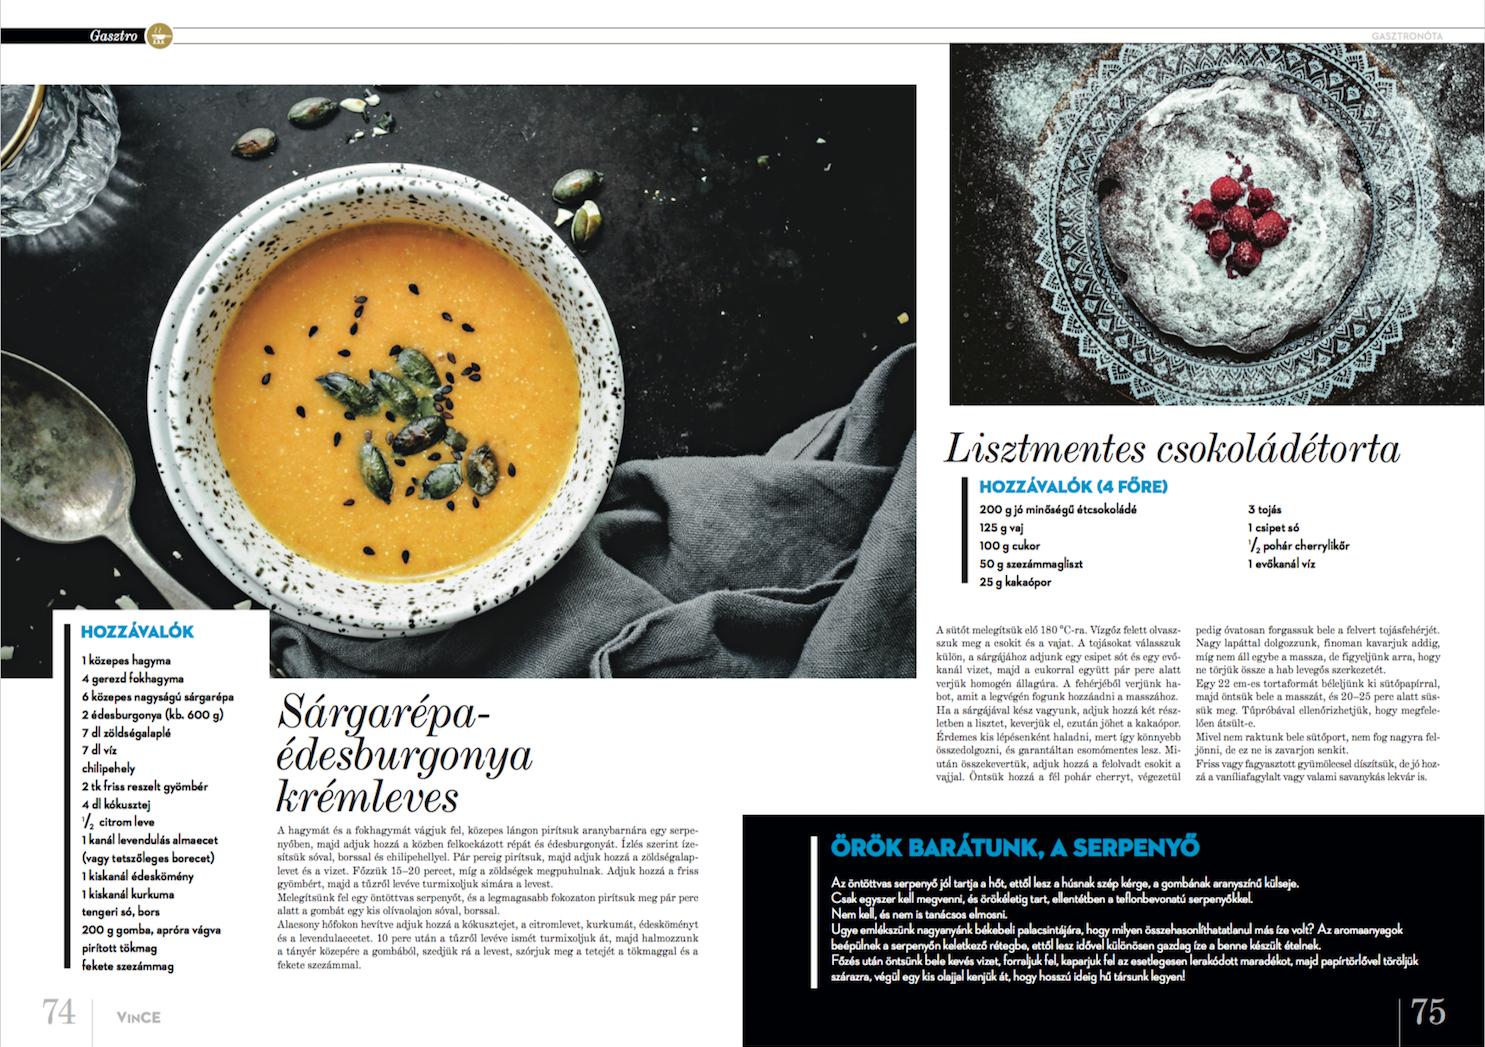 vince_magazin_2.jpg